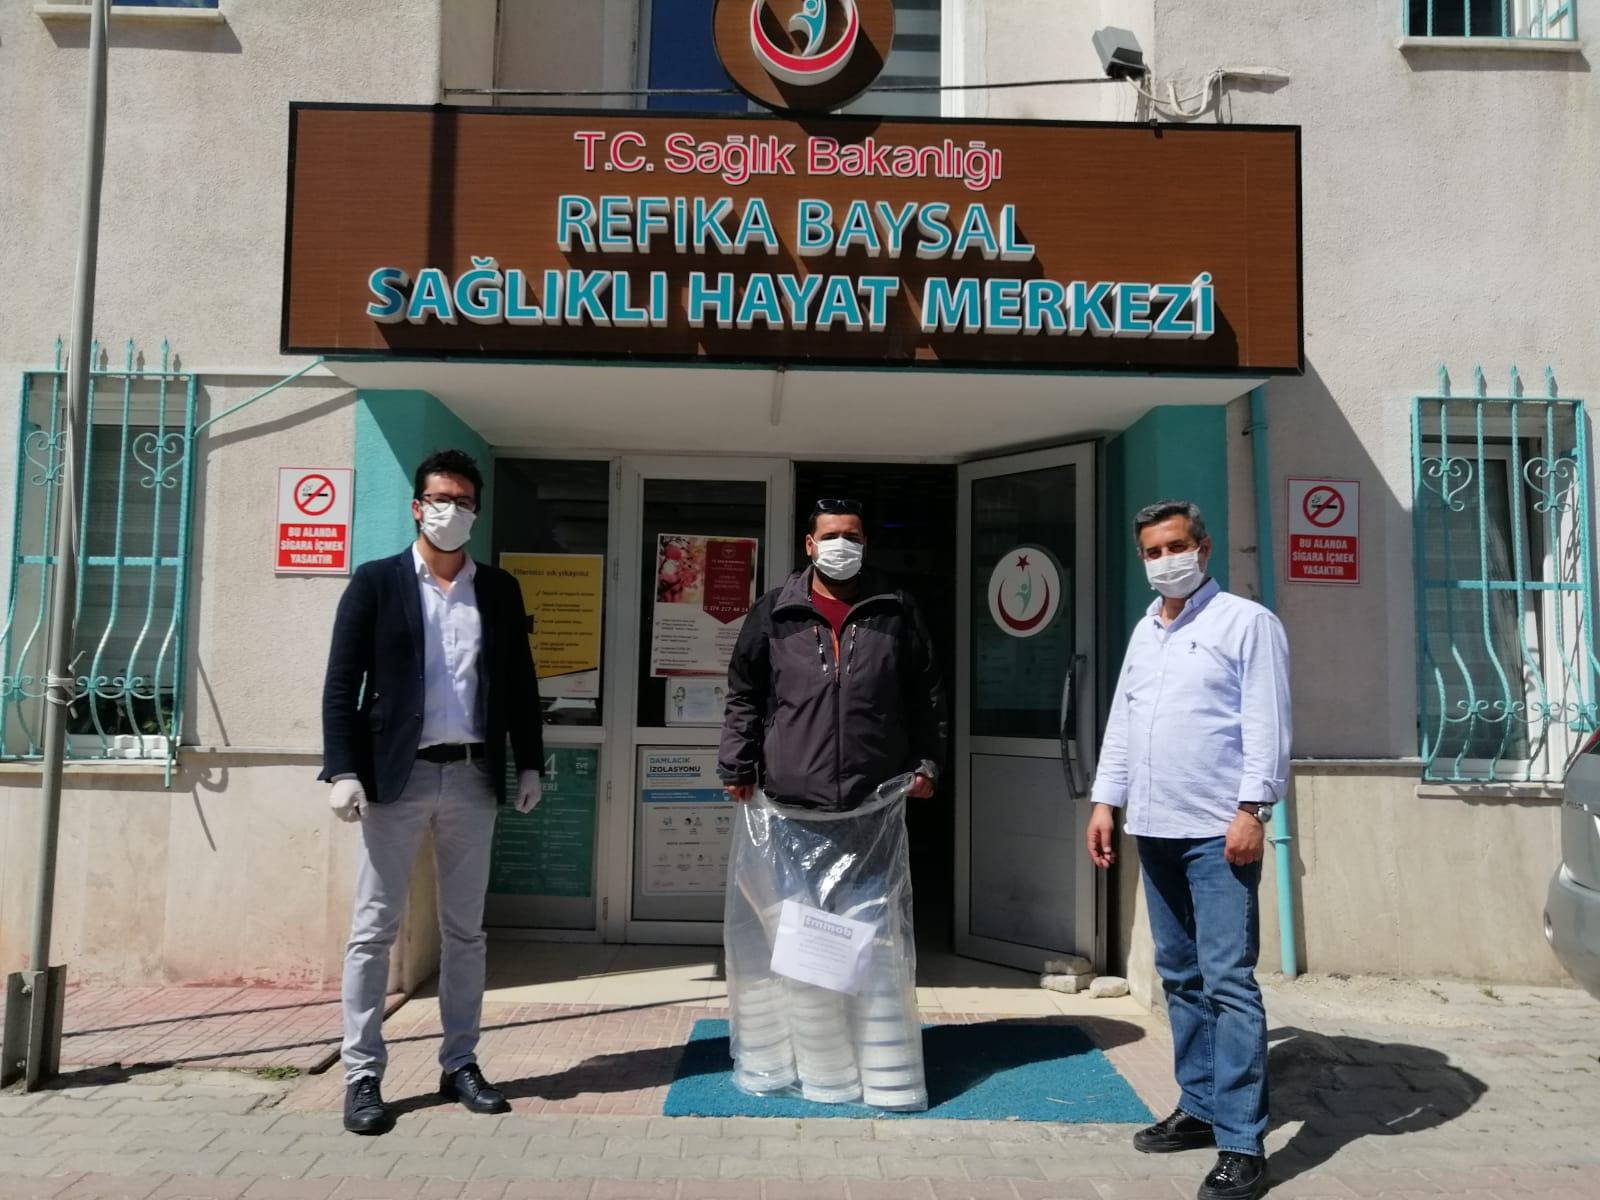 Bolu Şubemiz TMMOB Tarafından Gönderilen Siperlikleri Sağlık Emekçilerine Dağıttı